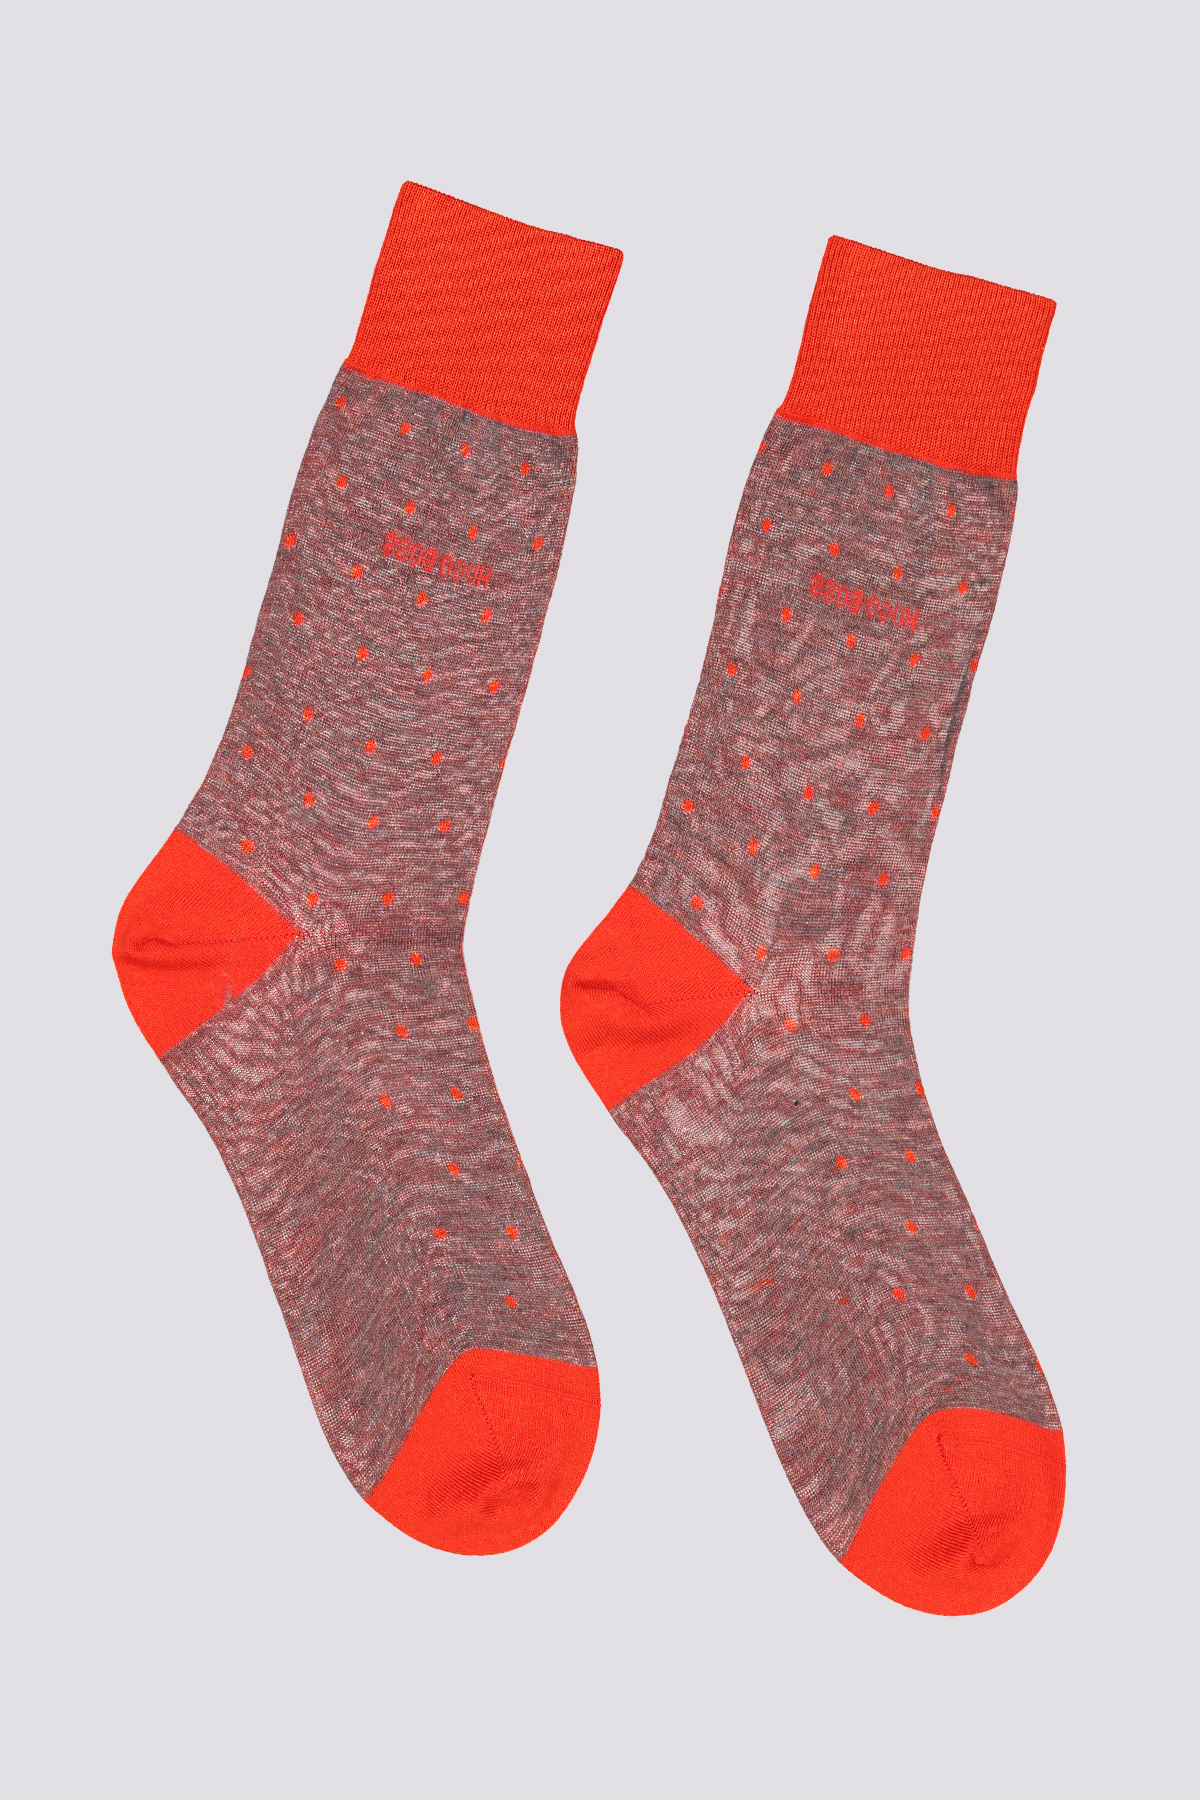 Calcetines ligeros de algodón mercerizado Mara BOSS con estampado de puntos